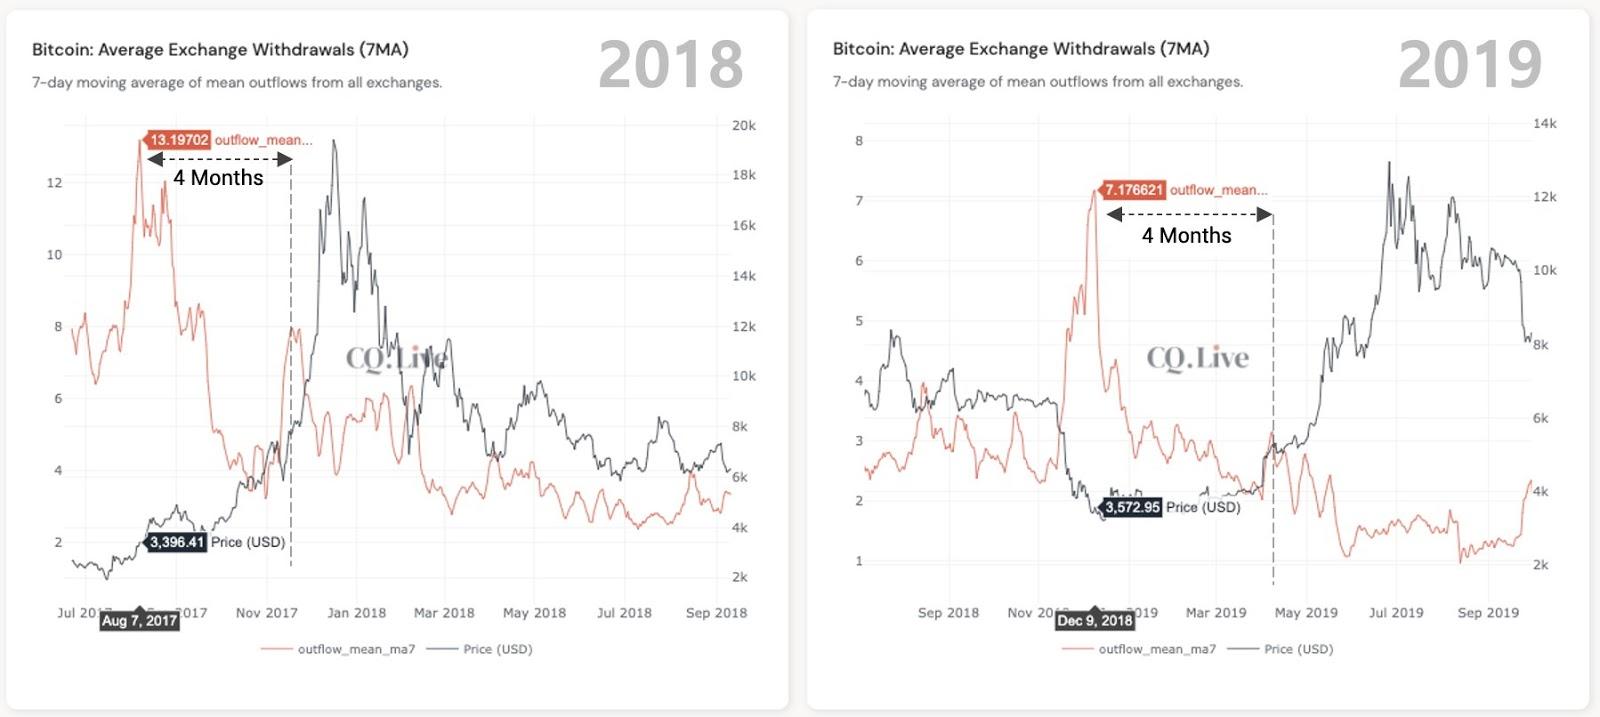 Comparación del promedio de retiros de Bitcoin los exchanges. Fuente: Ki Young Ju/ Twitter